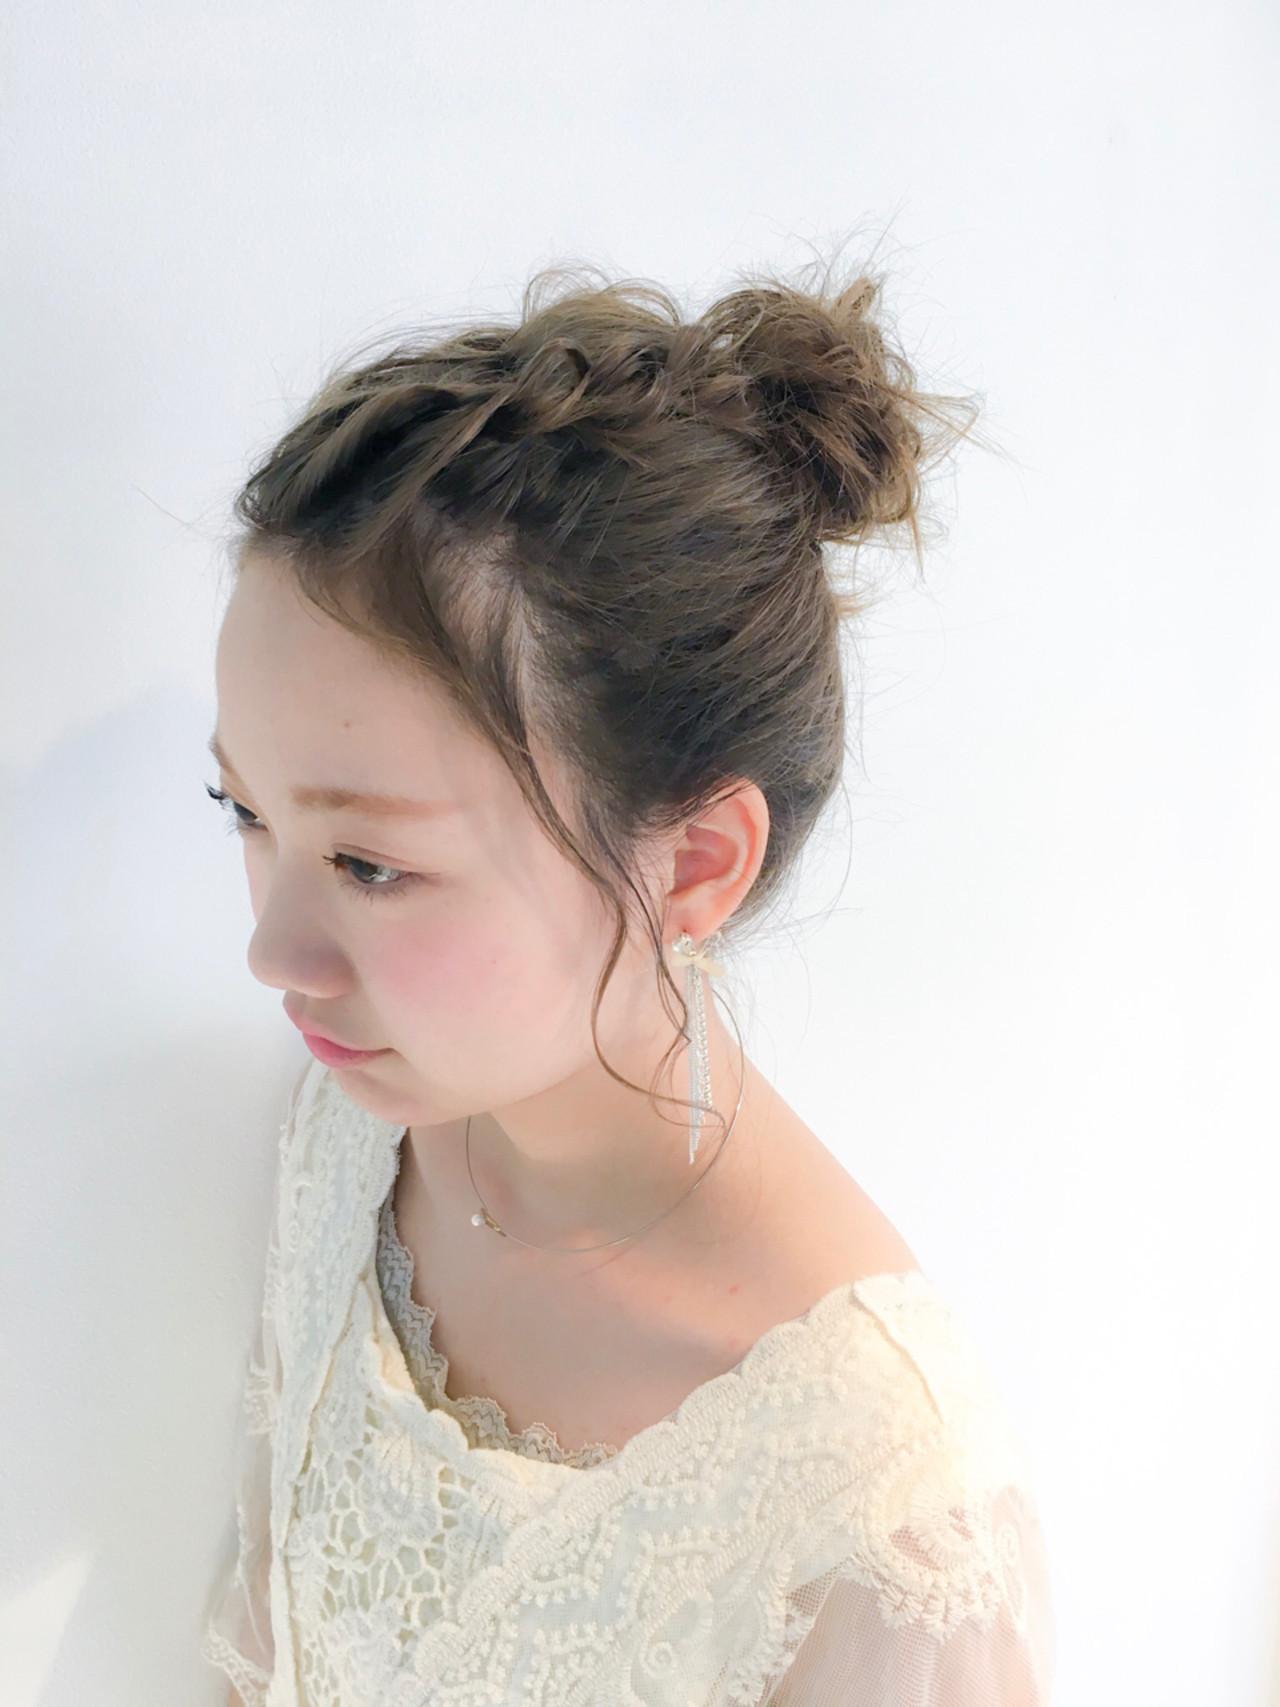 セミロングは、まとめ髪でバージョンアップ!マンネリにならないまとめ髪特集 美容師 HIRO